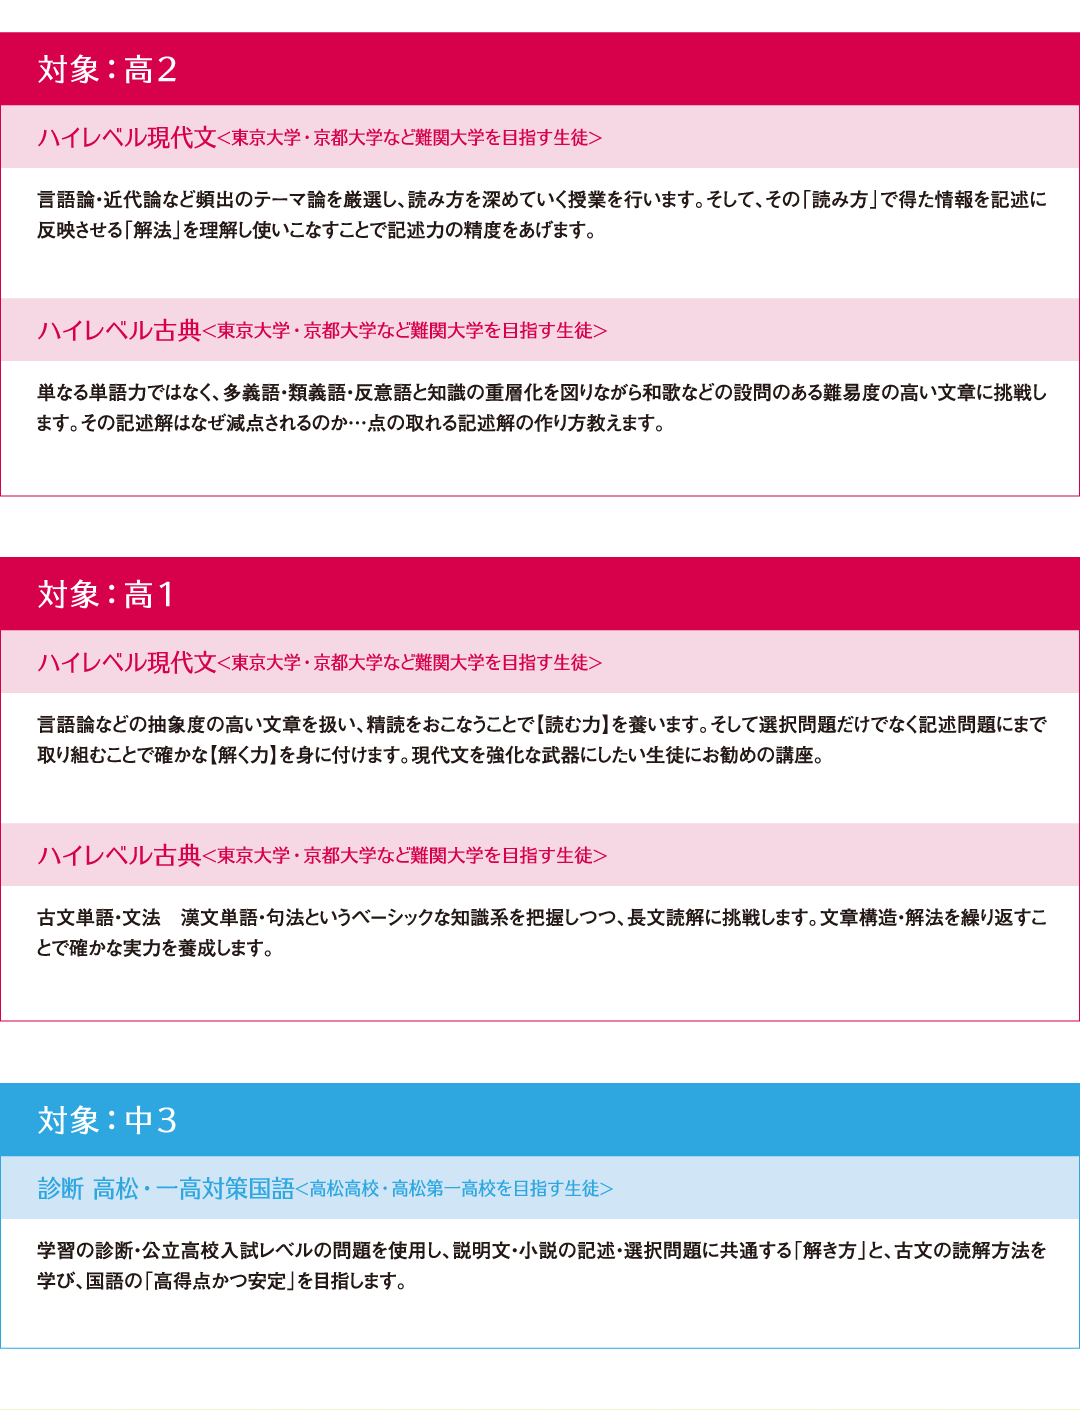 対象 高2/高1/中3 瓦町義塾 社長担当講座。瓦町義塾の社長自ら教鞭を執る講座は、東京大学、京都大学、早稲田大学、広島大学、岡山大学など有名志望校に合格した先輩たちから高い支持を受けております。